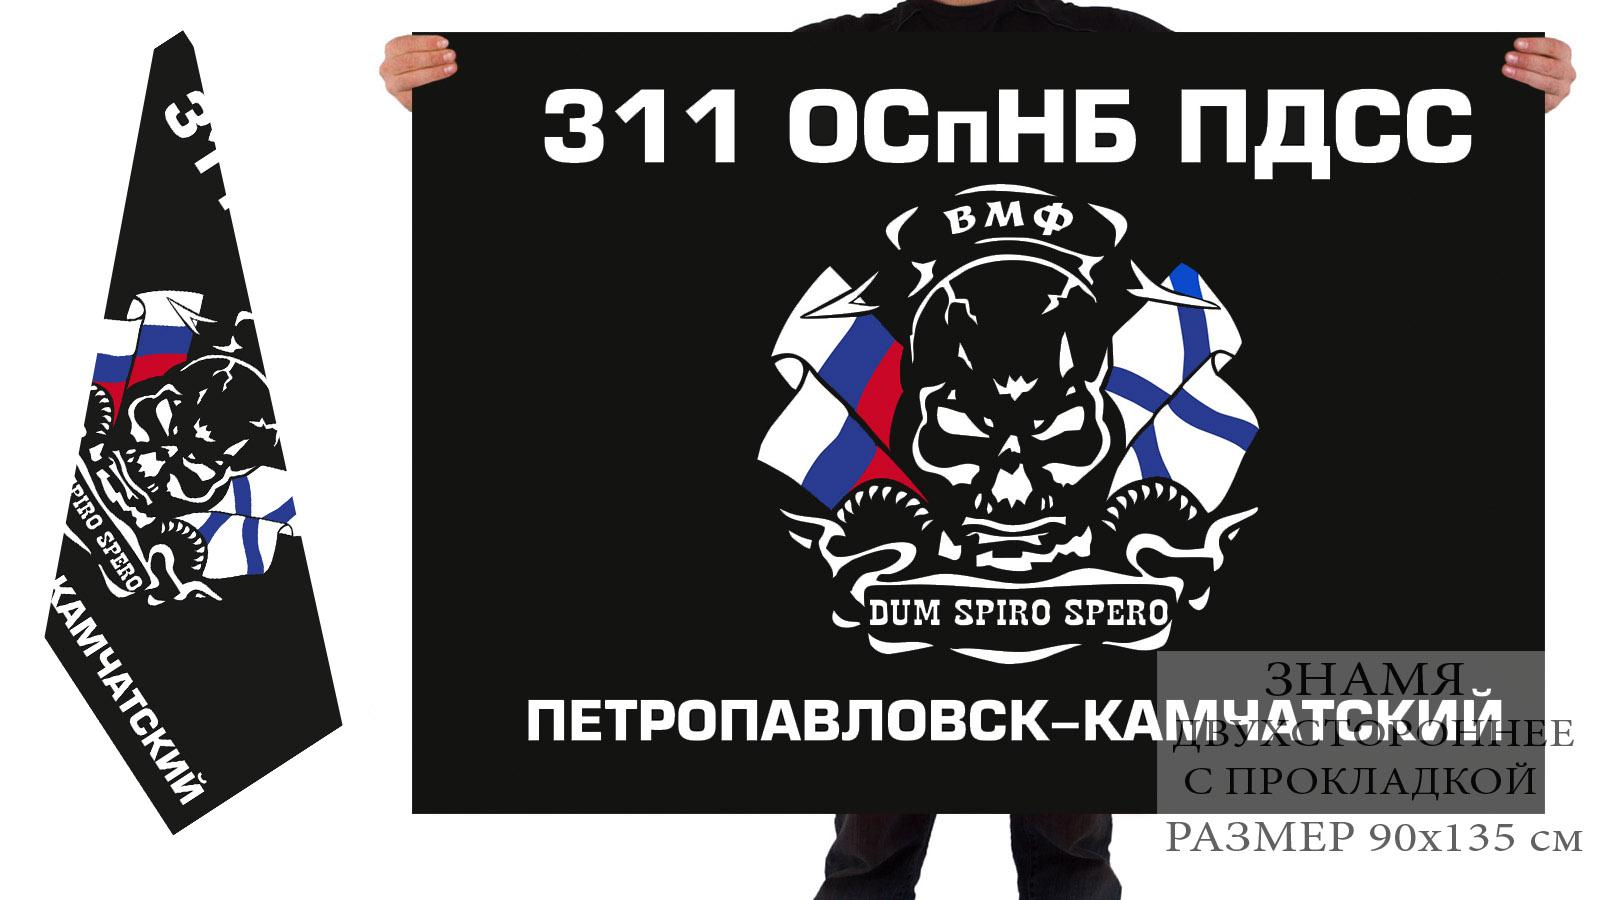 Двусторонний флаг 311 ОСпНБ ПДСС